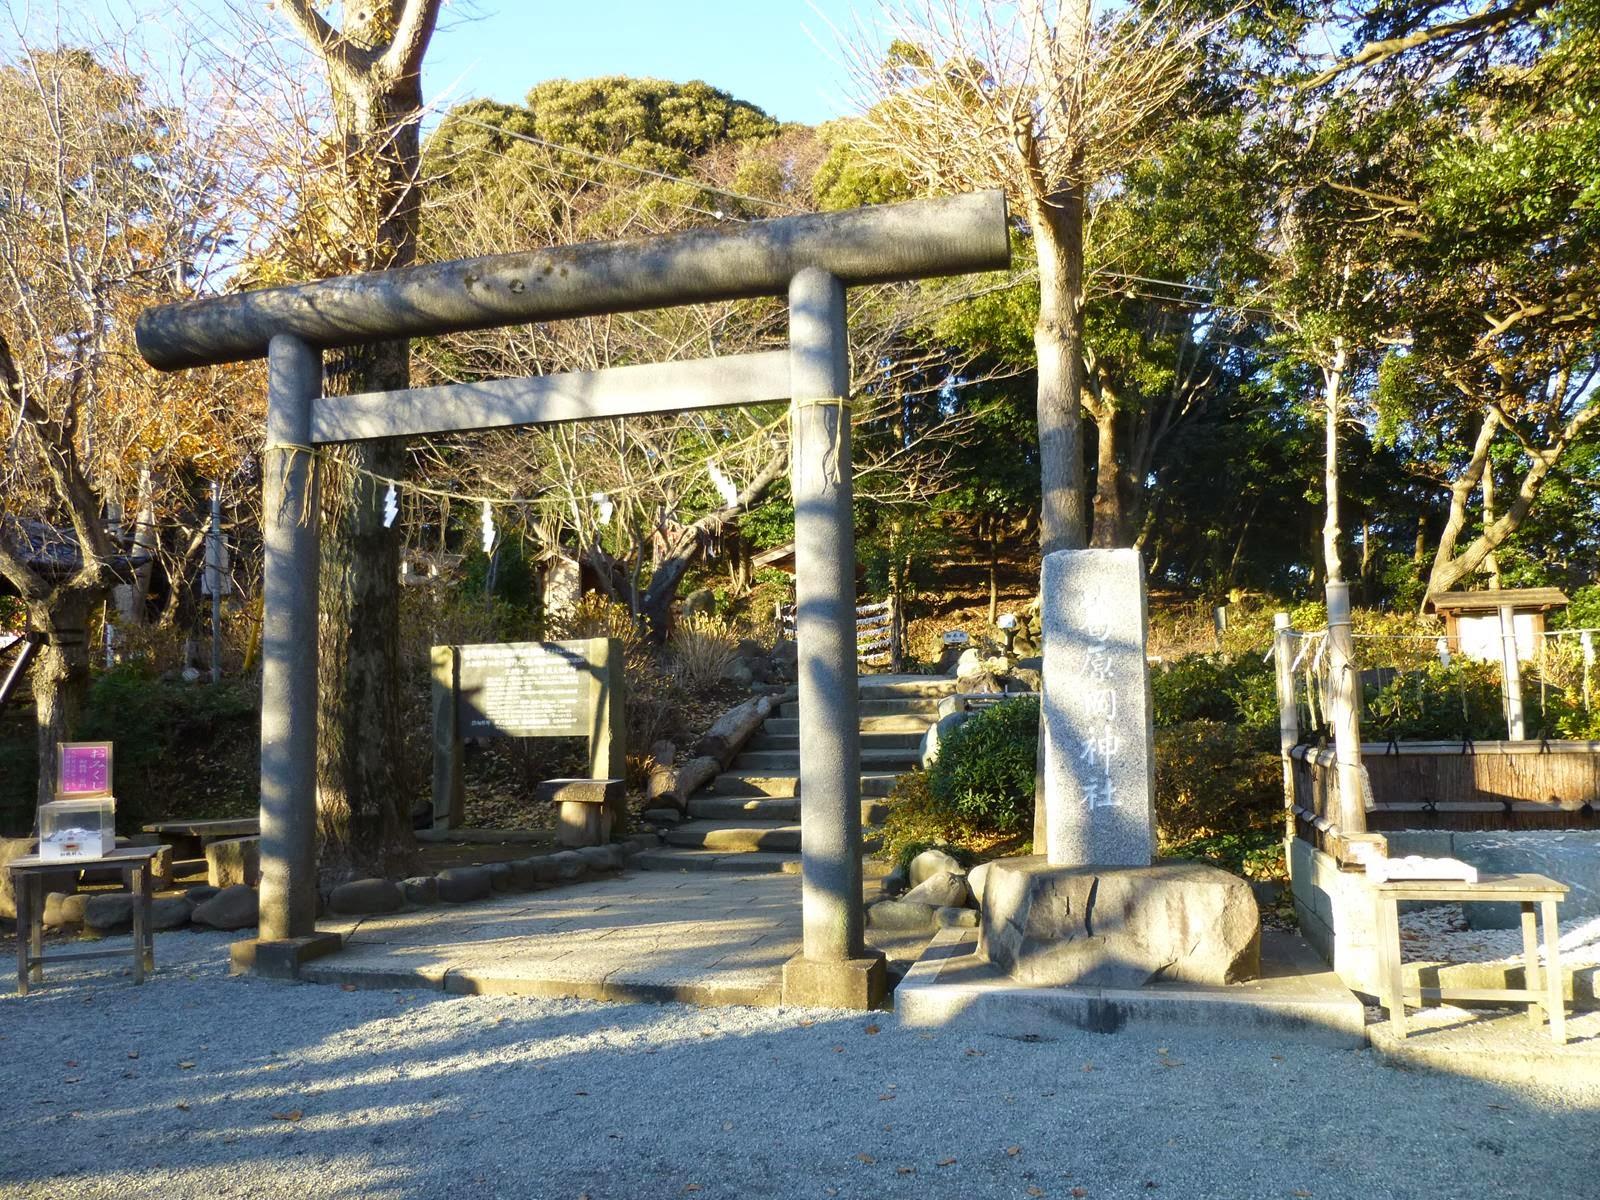 緑あふれる山道を進んでいるうちに、源氏山公園に入りました。写真の神社は... いざ!!鎌倉巡検